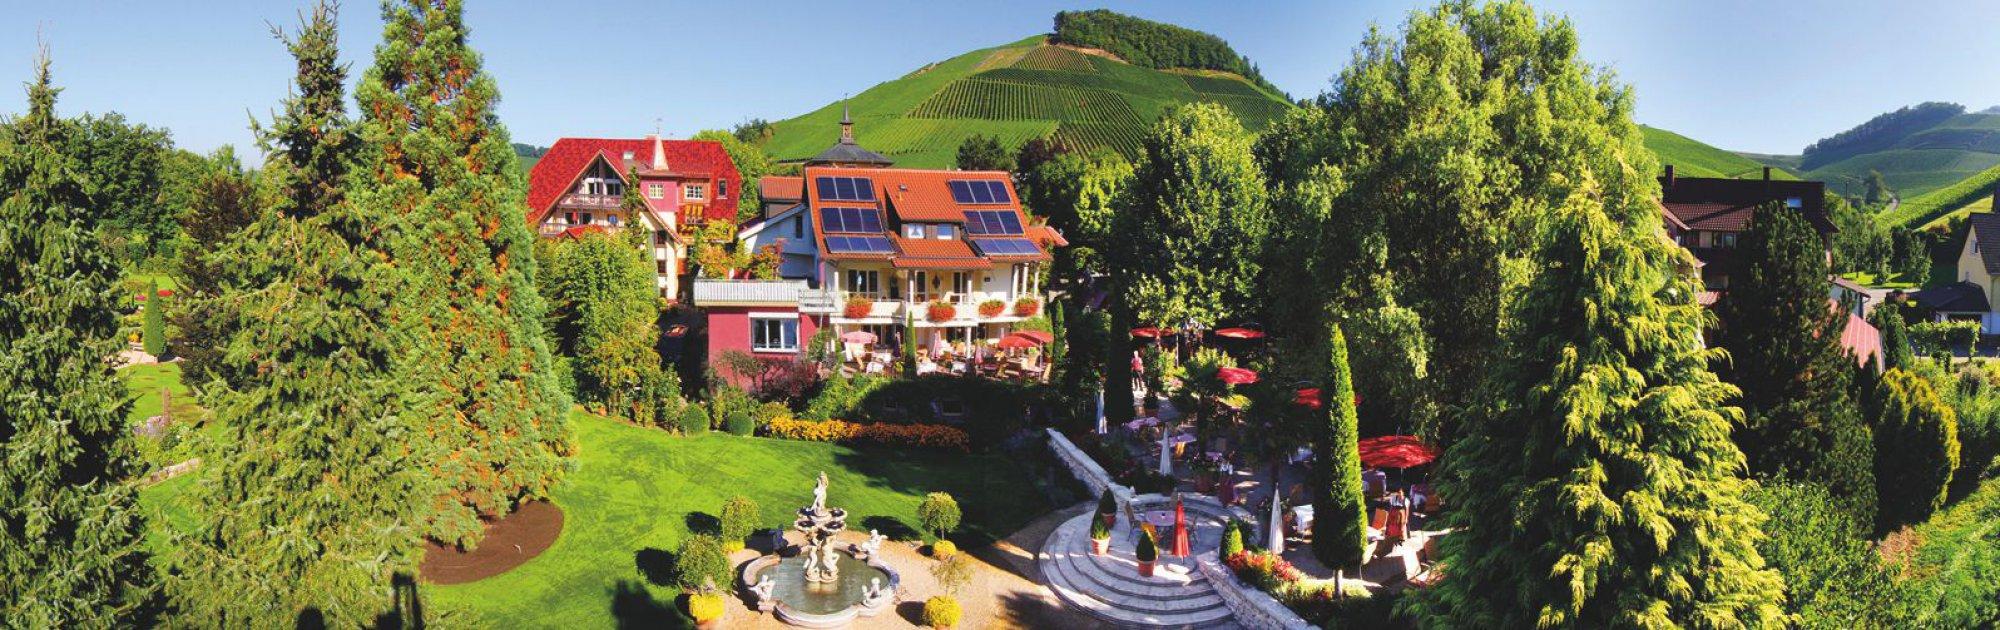 Beste Spielothek in Durbach finden